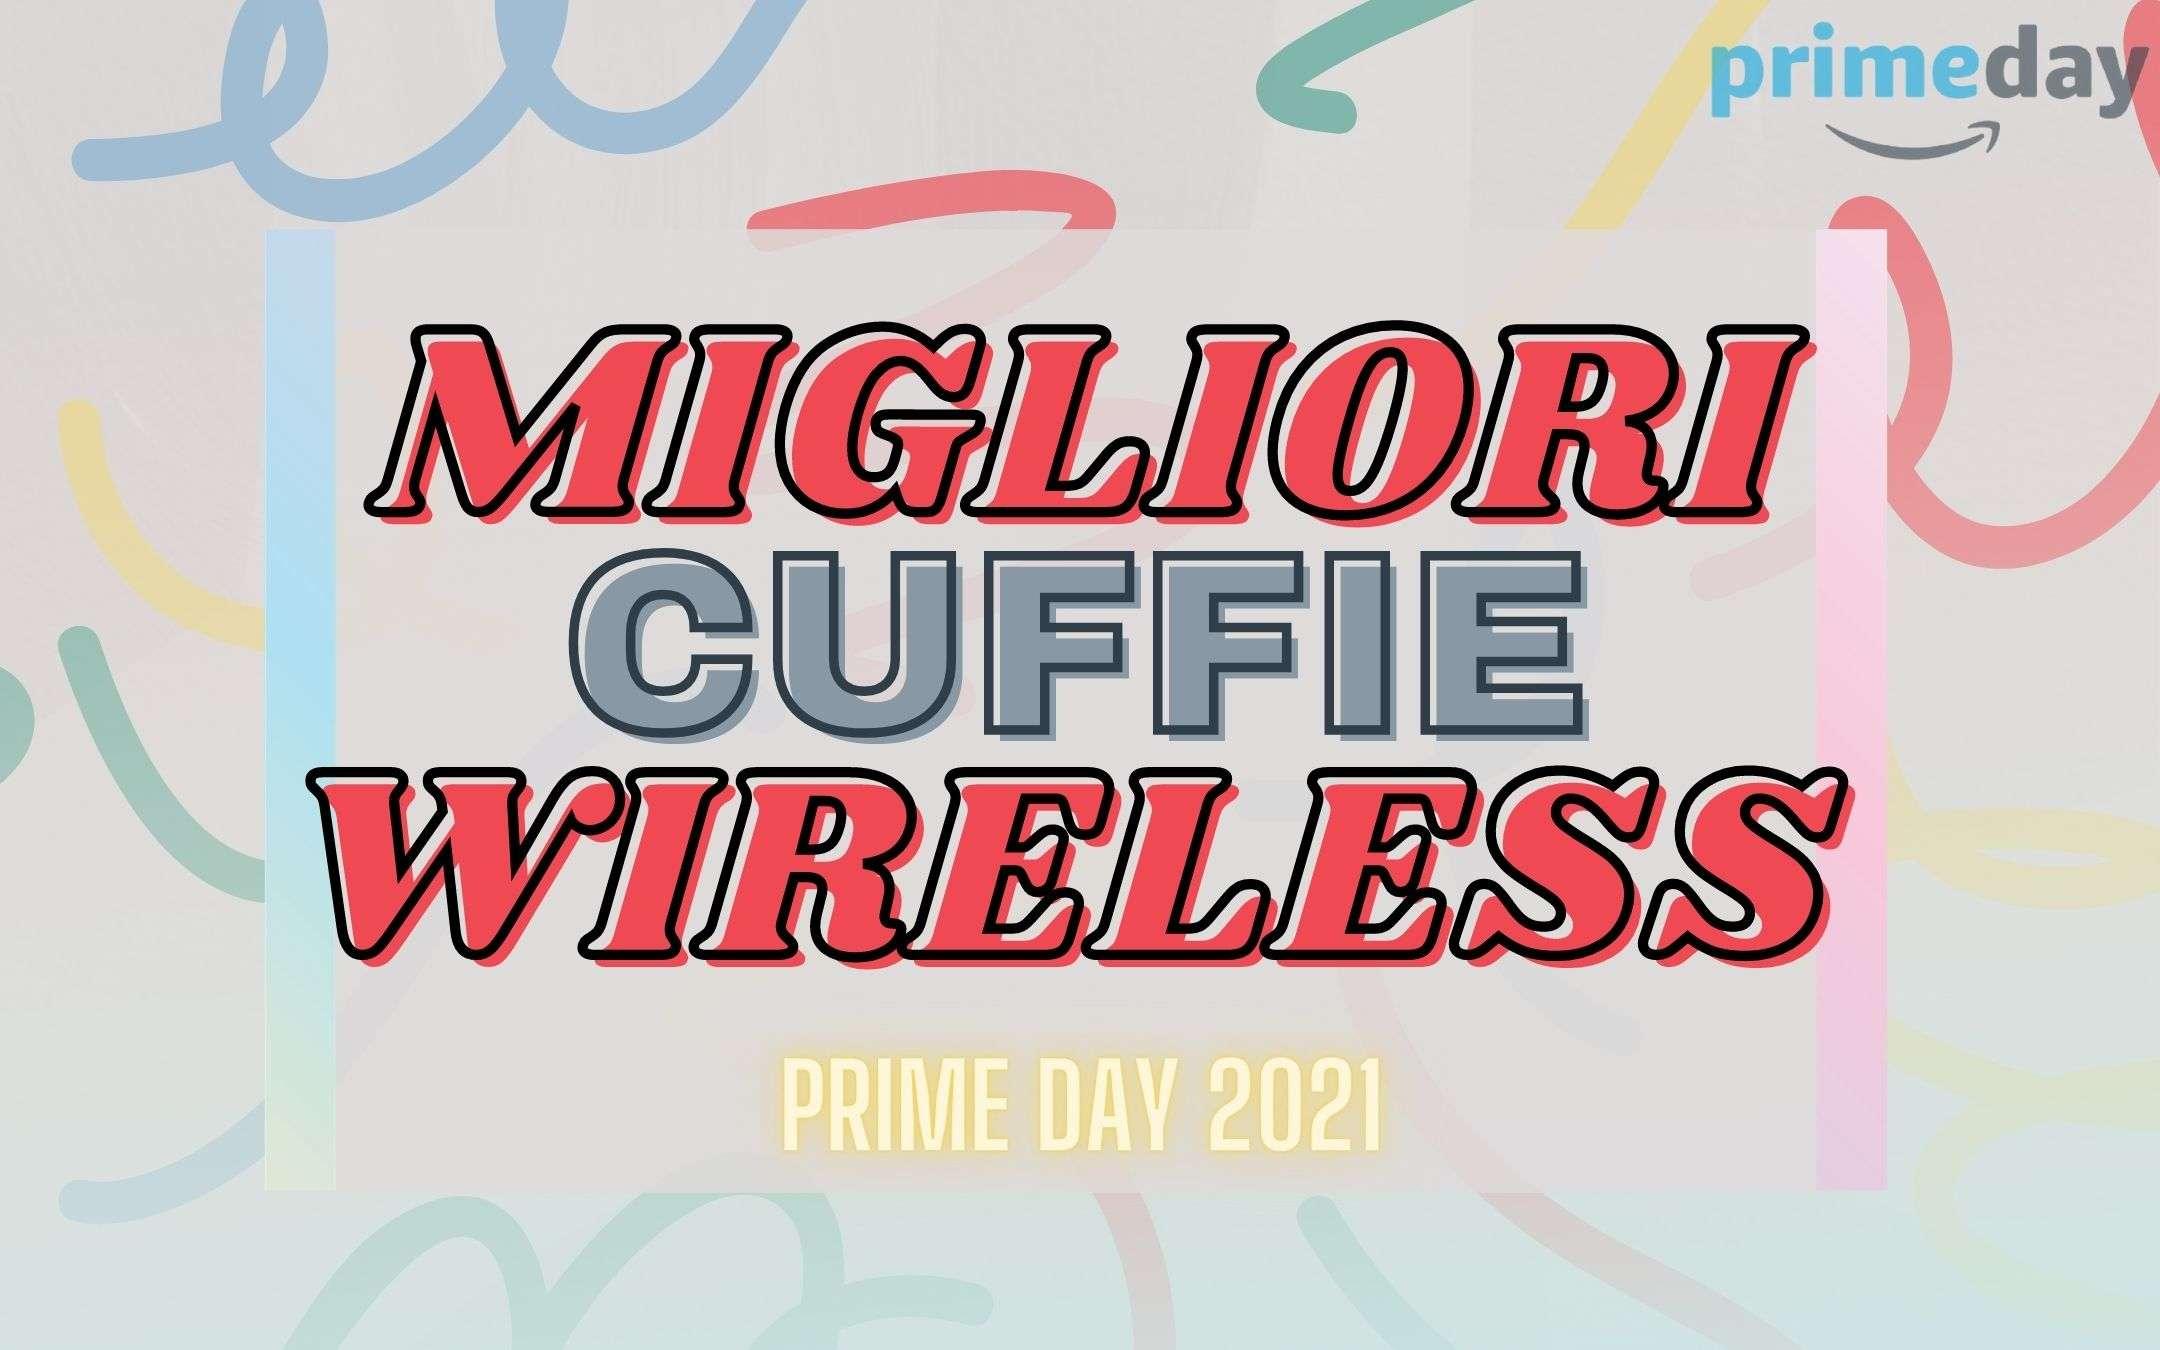 migliori cuffie wireless prime day 2021